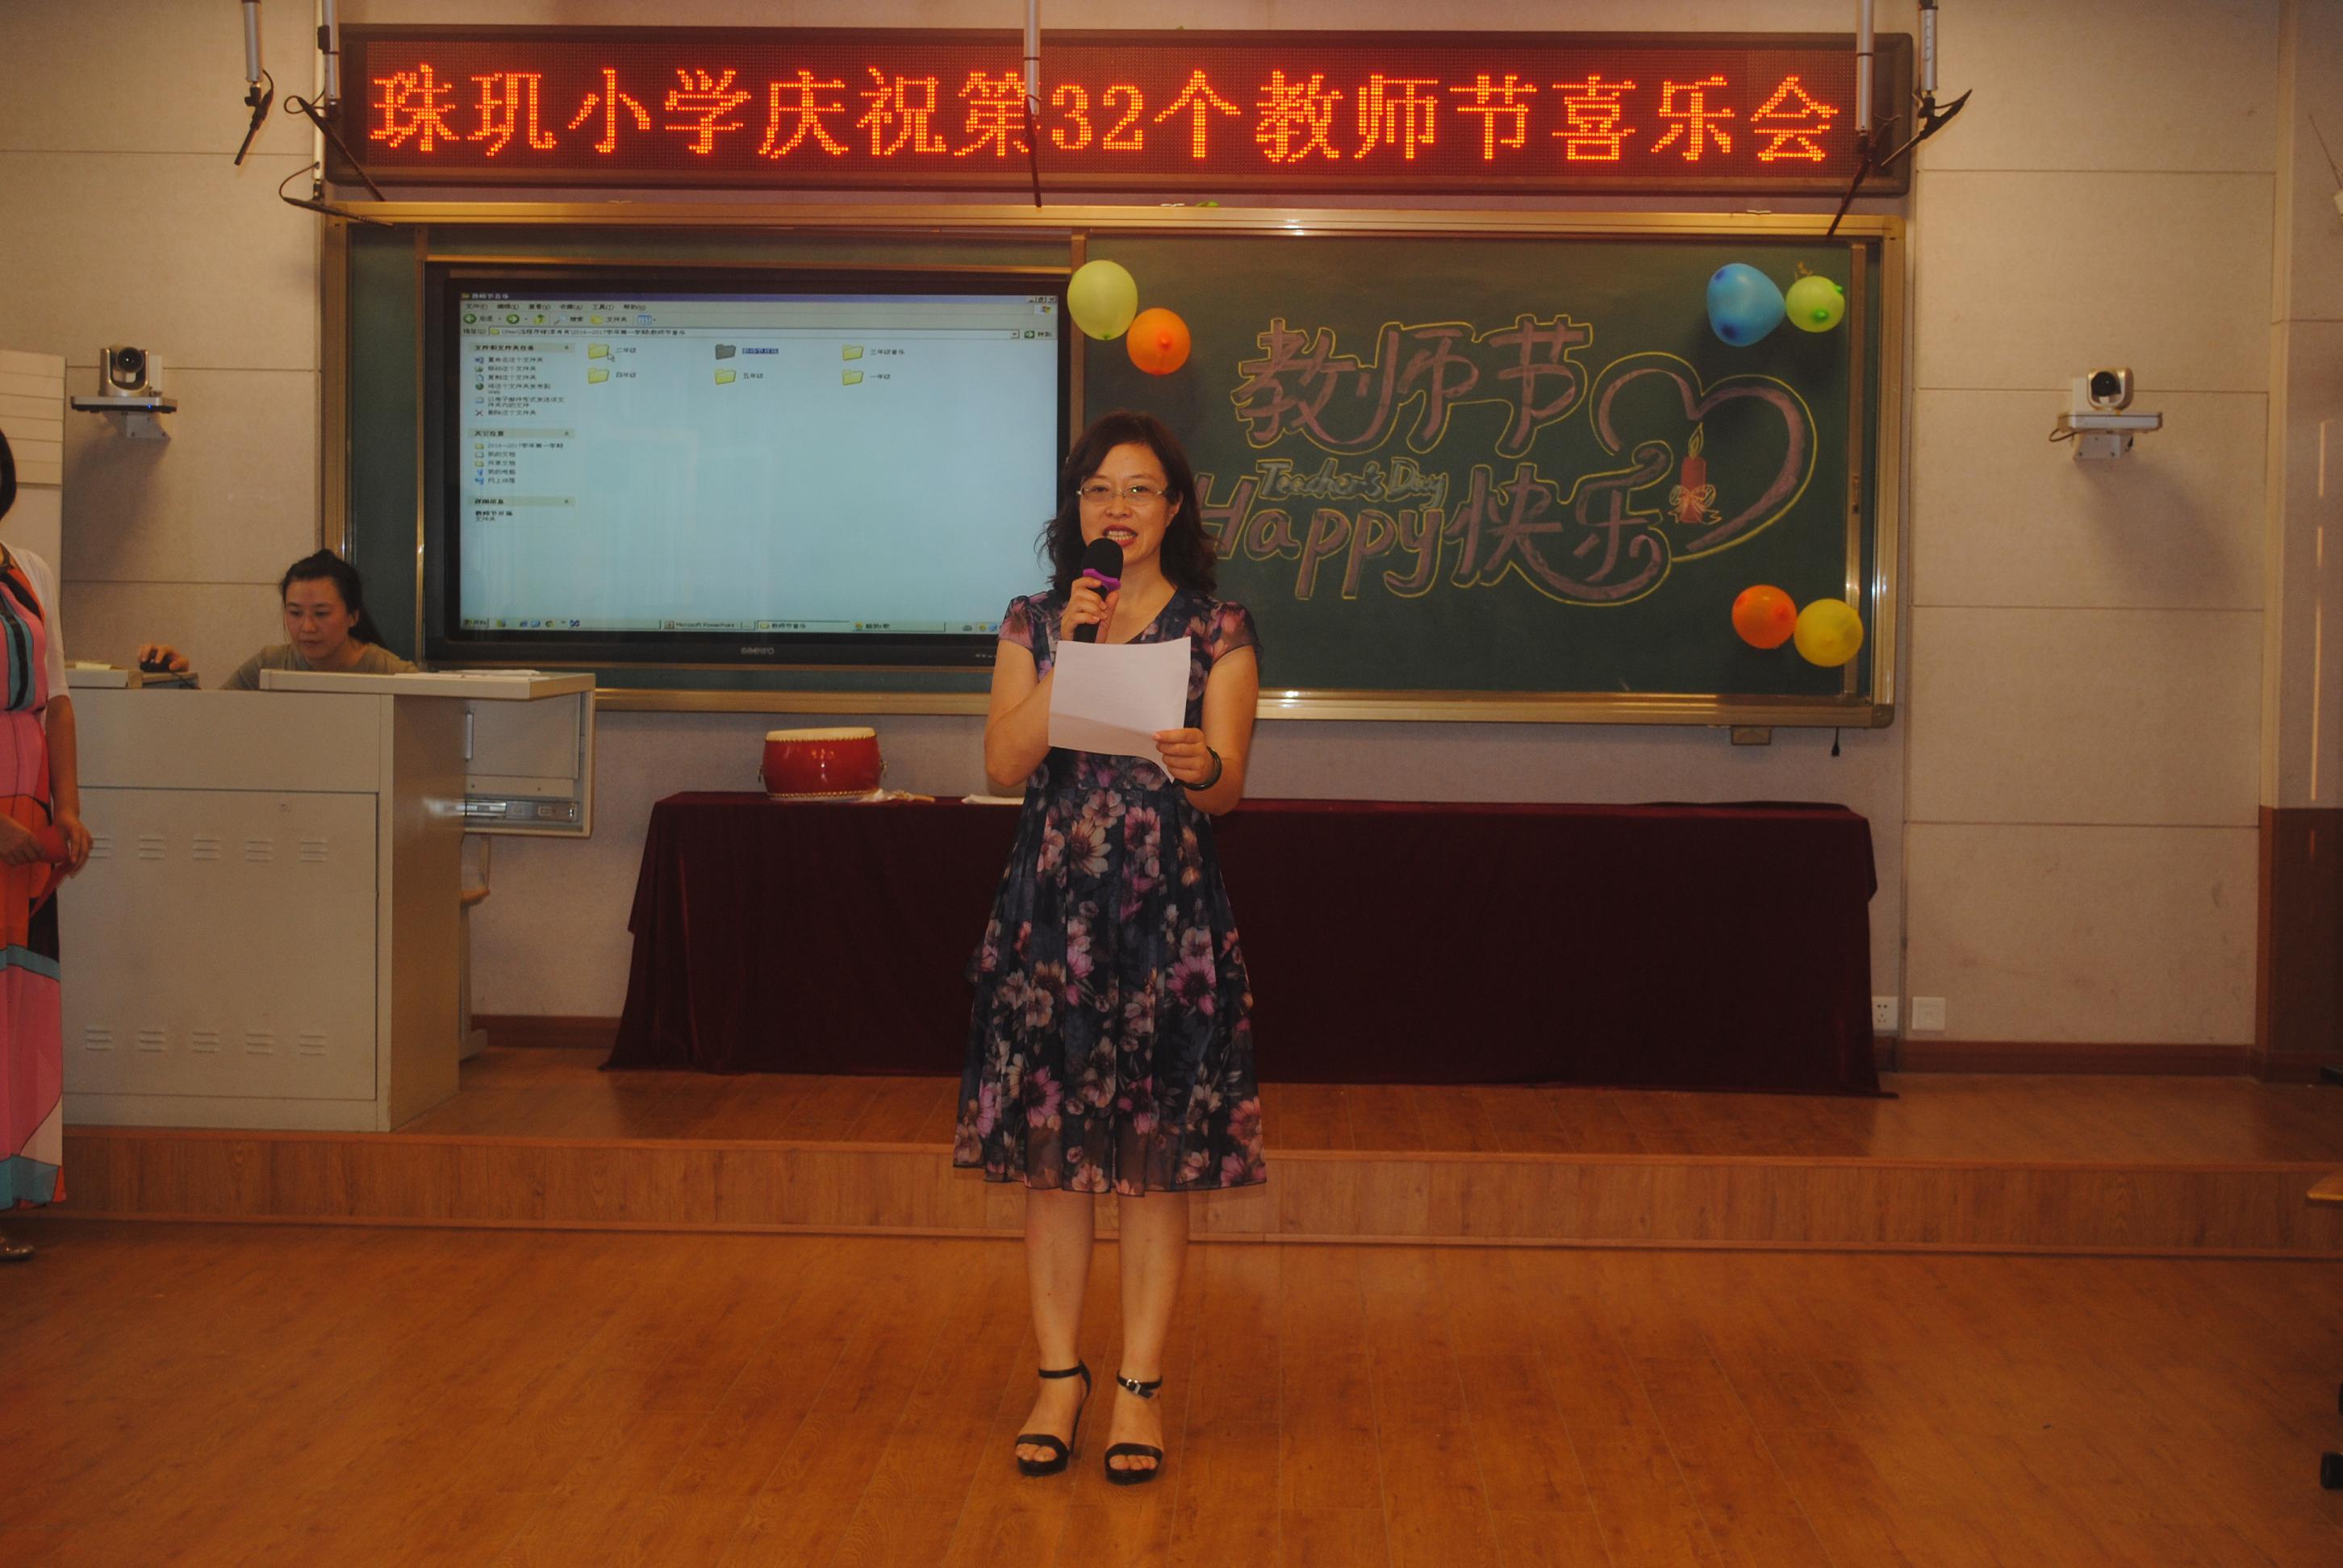 珠玑小学抄报第32个教师节庆祝活动_烟台v珠玑小学生推荐书手举行图片